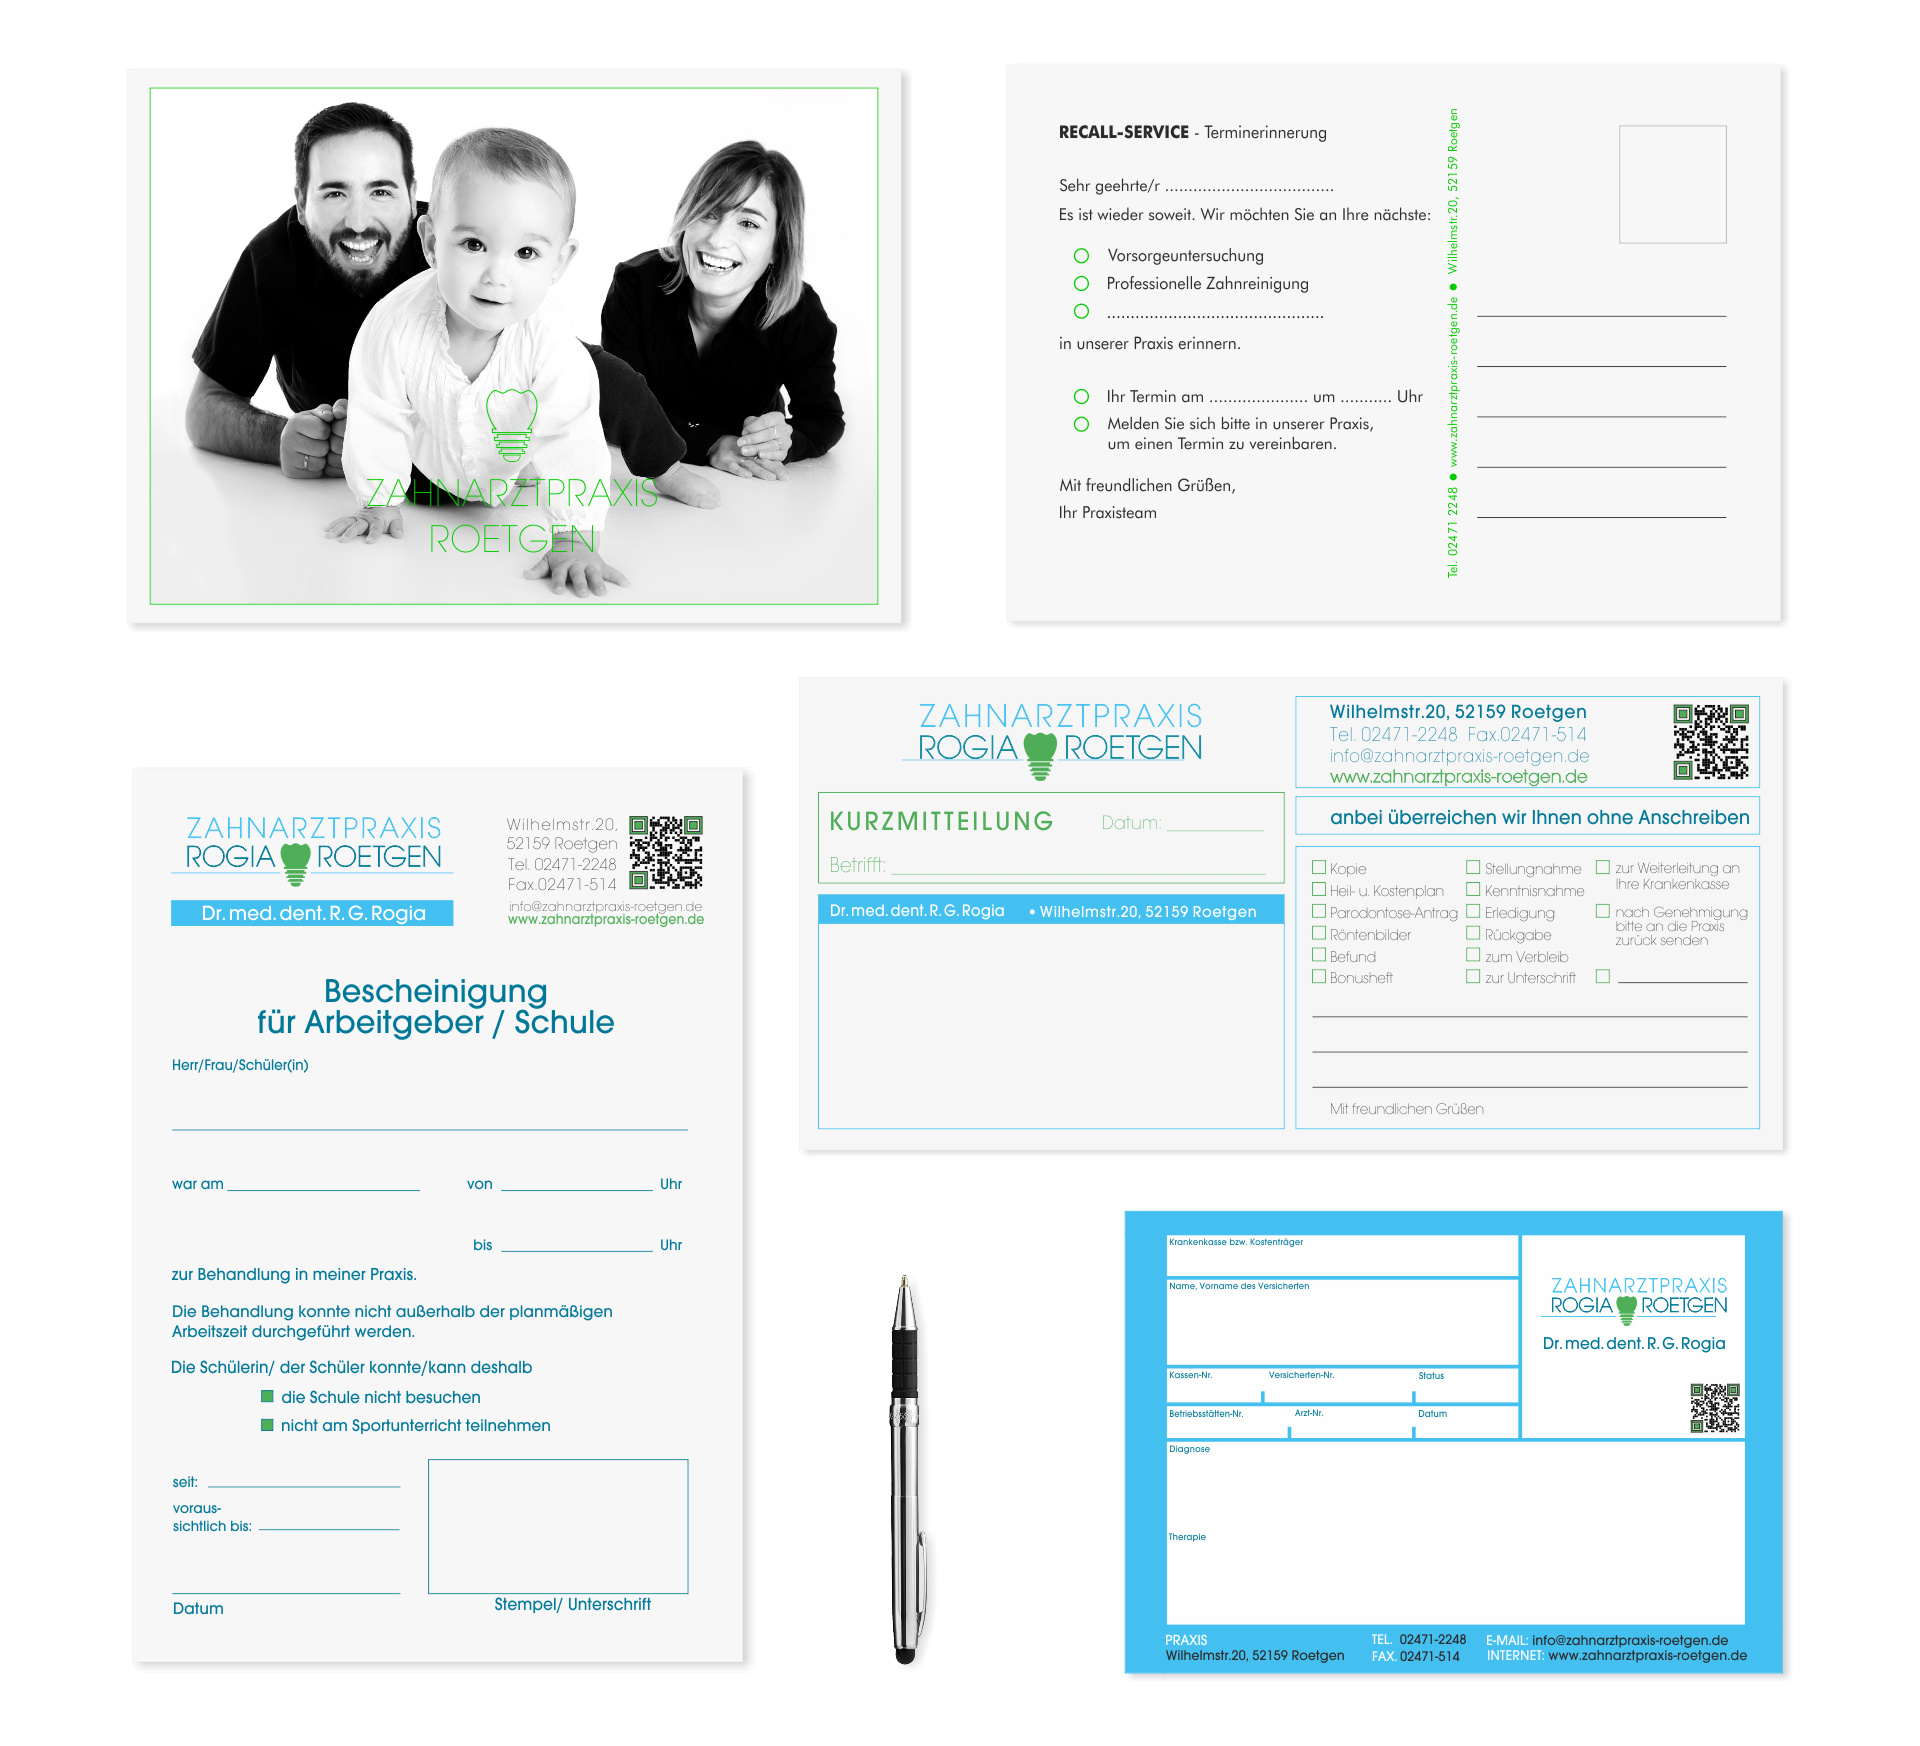 O-ZEN Portfolio Zahnarztpraxis Roetgen Druckbeispiele: Rezept, Recall Postcarten, Kurzmitteilung Bescheinigung Arbeitgeber